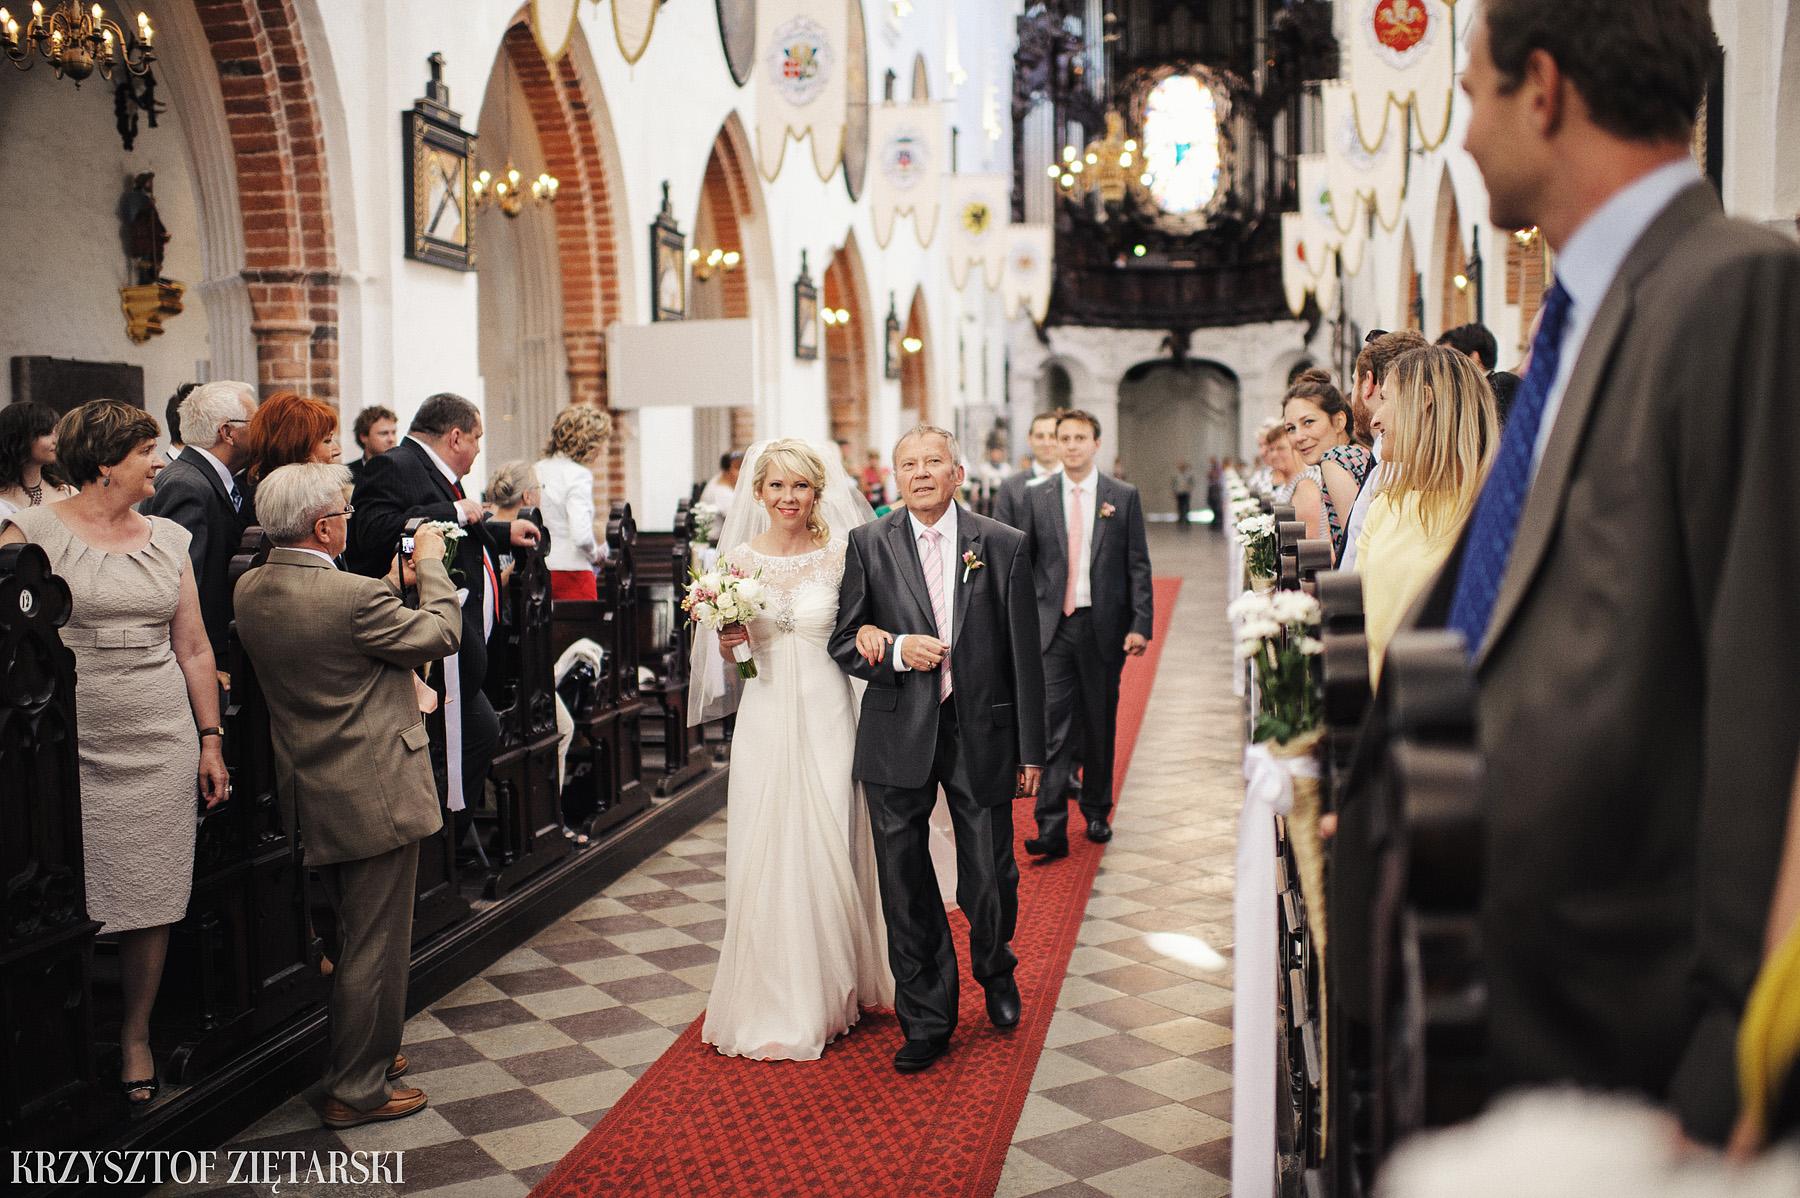 Marysia i Ollie - Fotografia ślubna Gdańsk, Katedra Oliwska, wesele Hotel Mera Sopot, plener Gdynia Orłowo - 12.